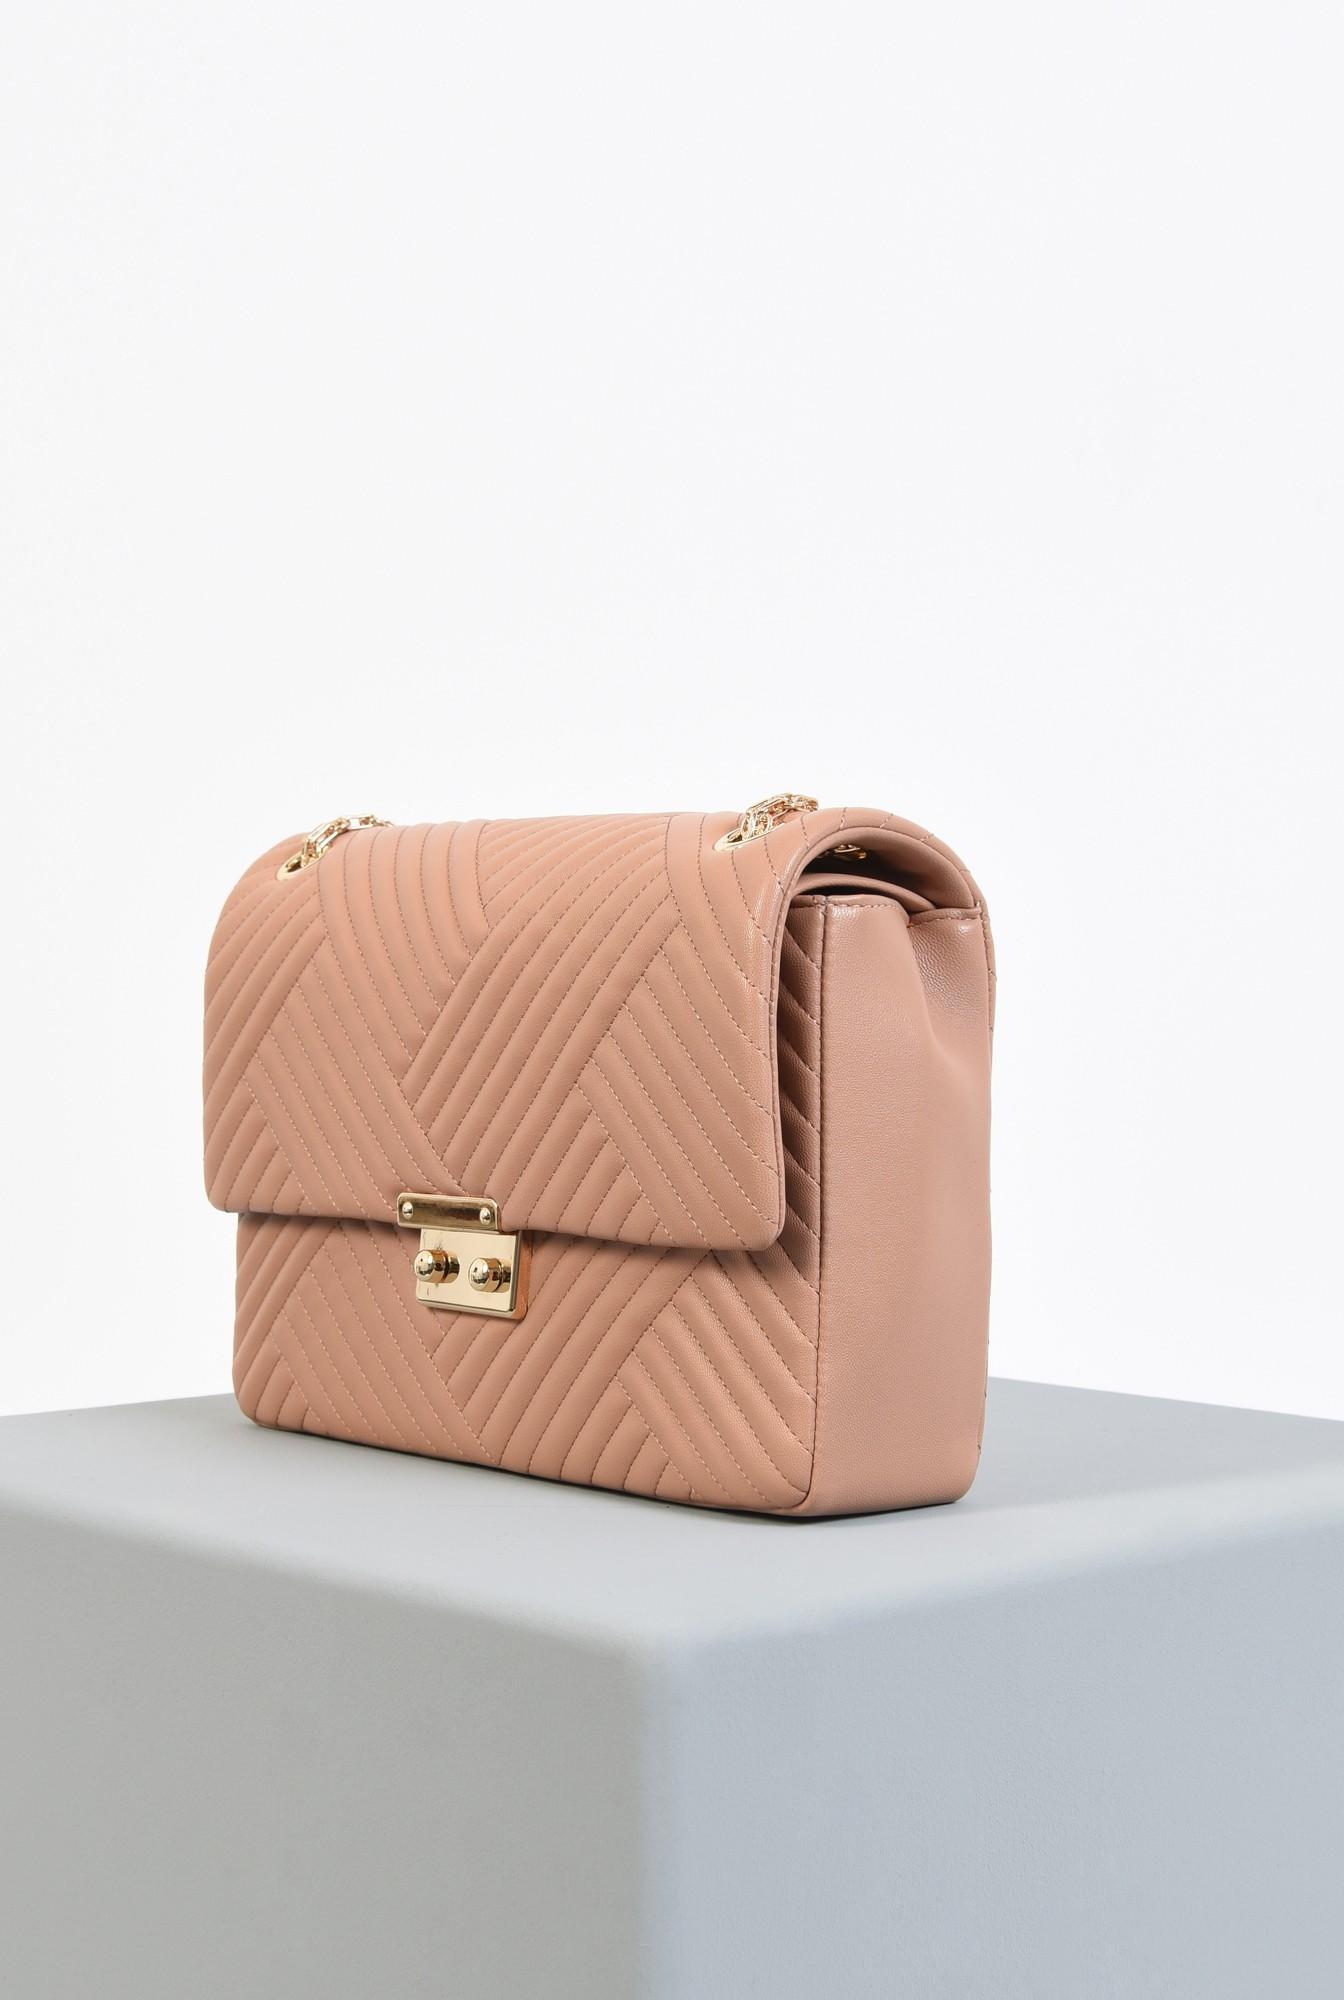 1 - geanta din piele ecologica, roz nude, cu lant, detalii metalice aurii, geanta de umar